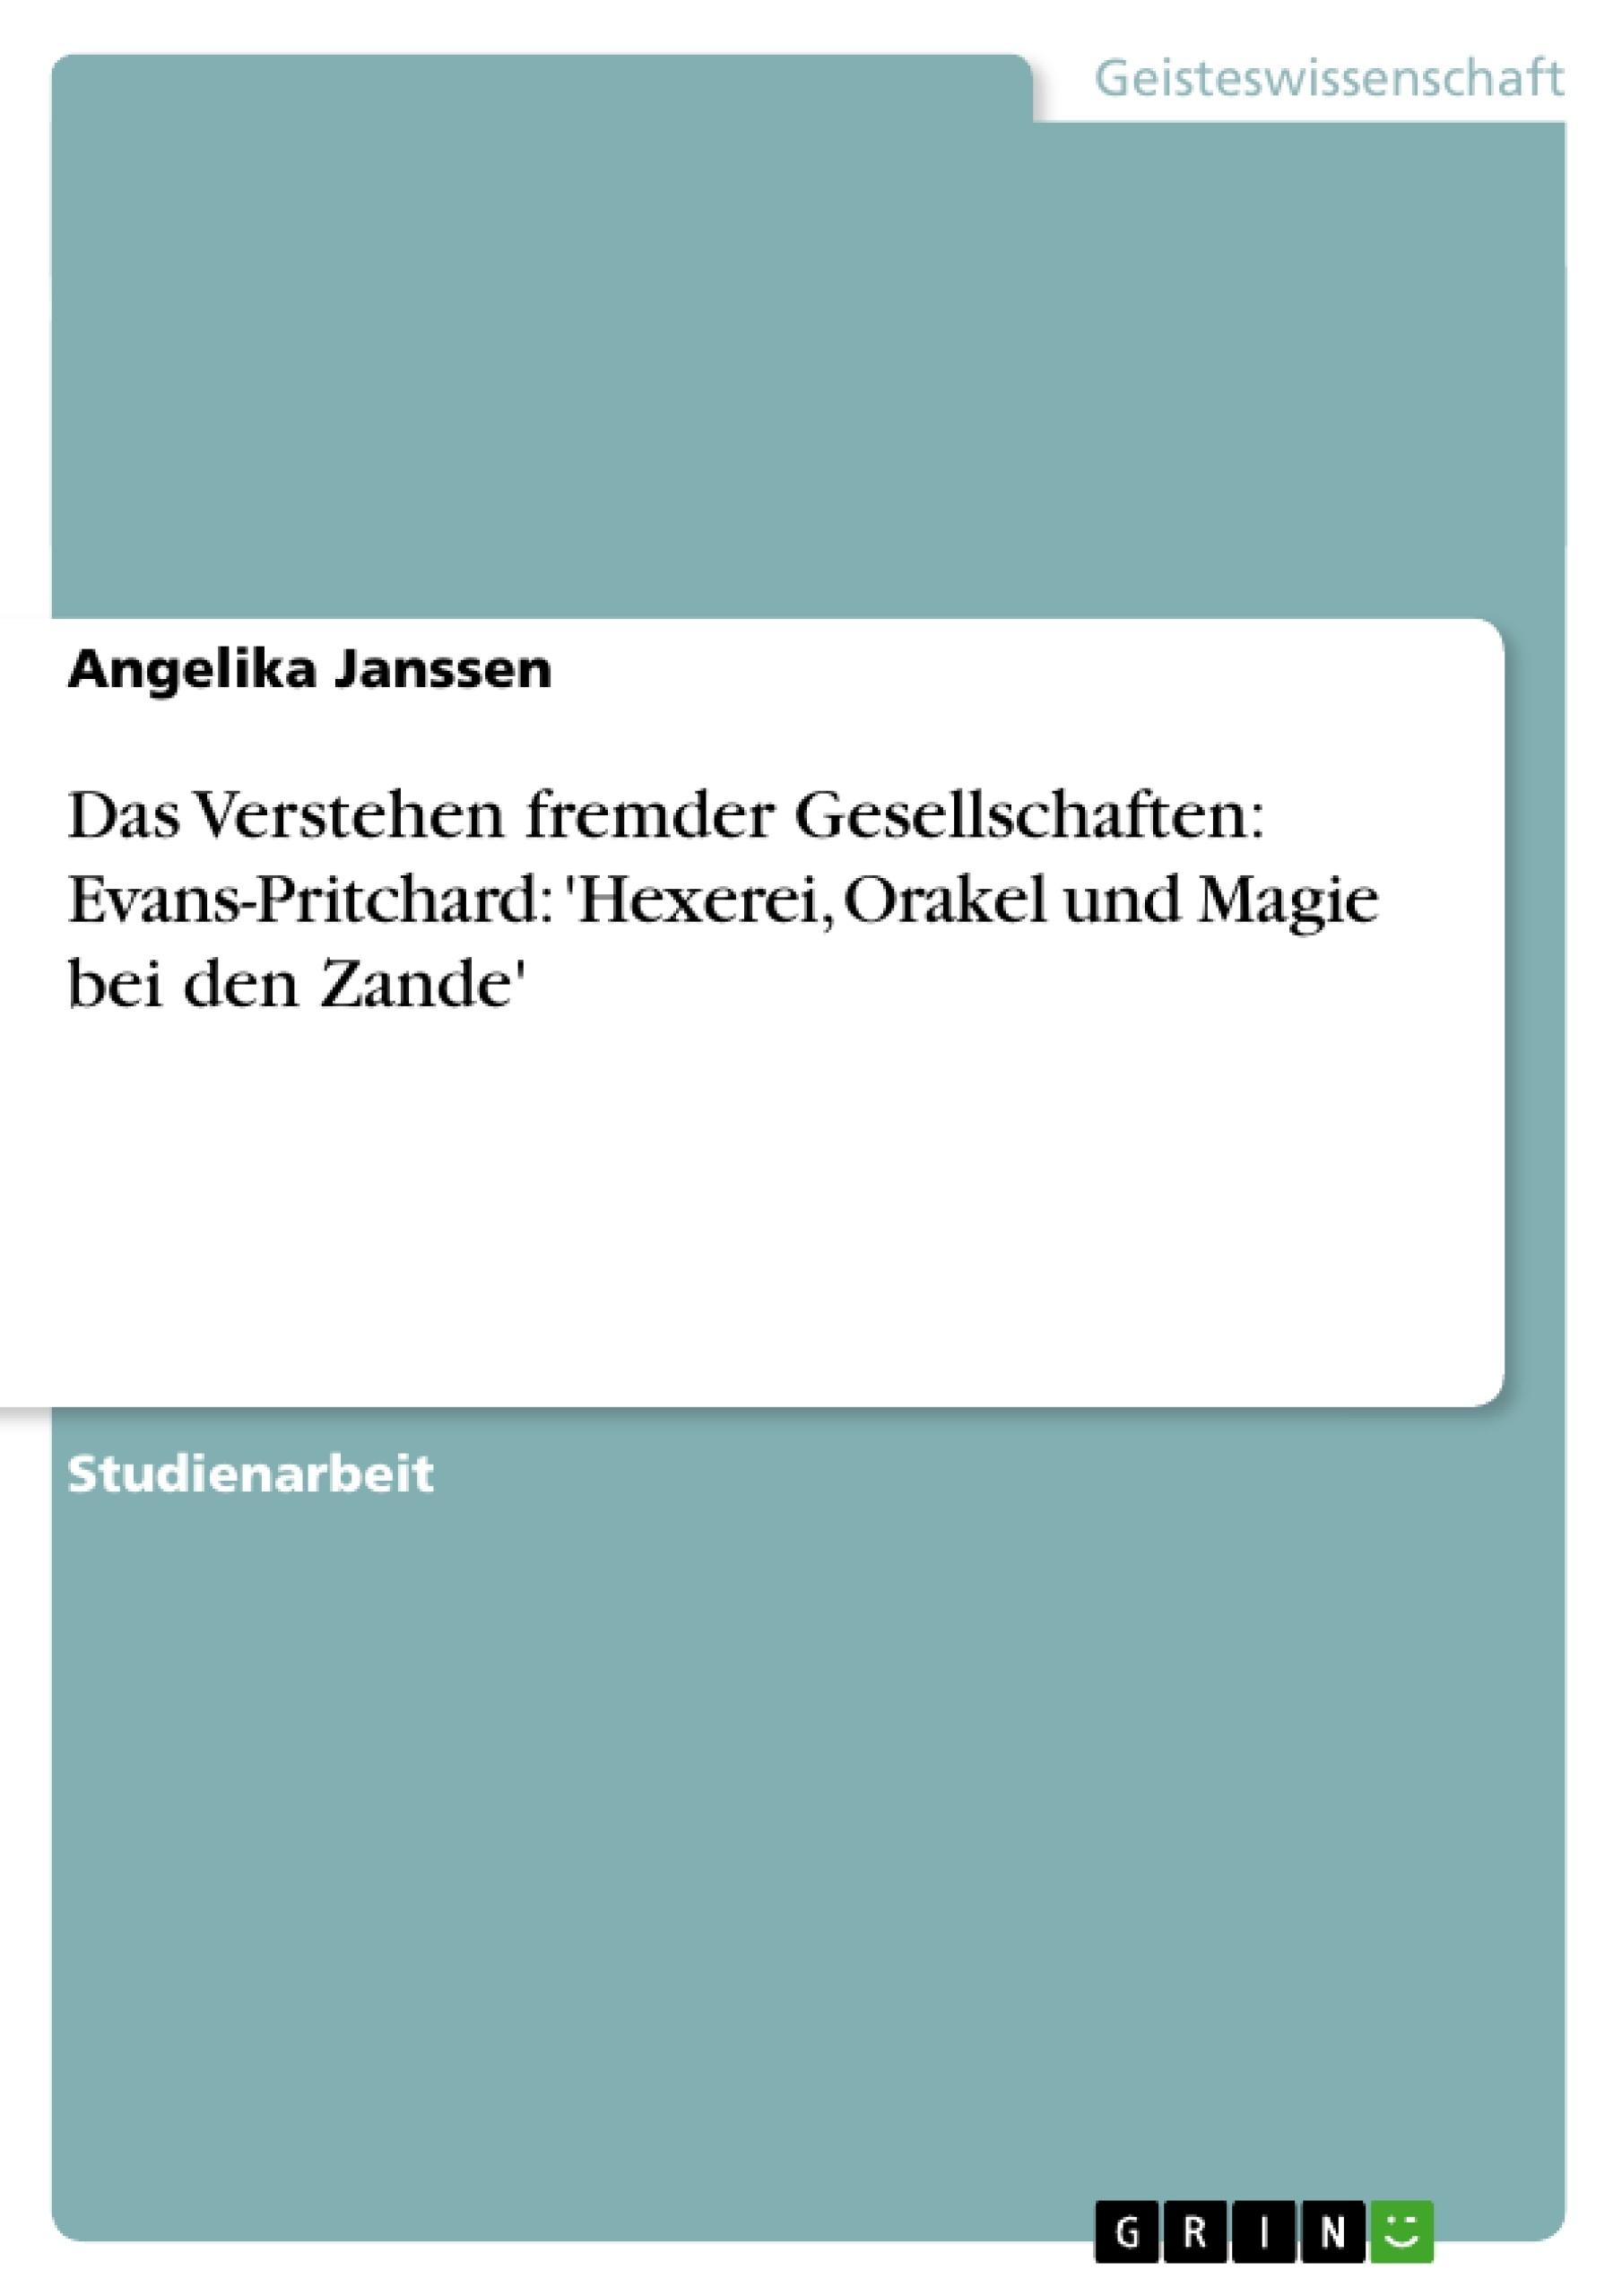 Titel: Das Verstehen fremder Gesellschaften: Evans-Pritchard: 'Hexerei, Orakel und Magie bei den Zande'